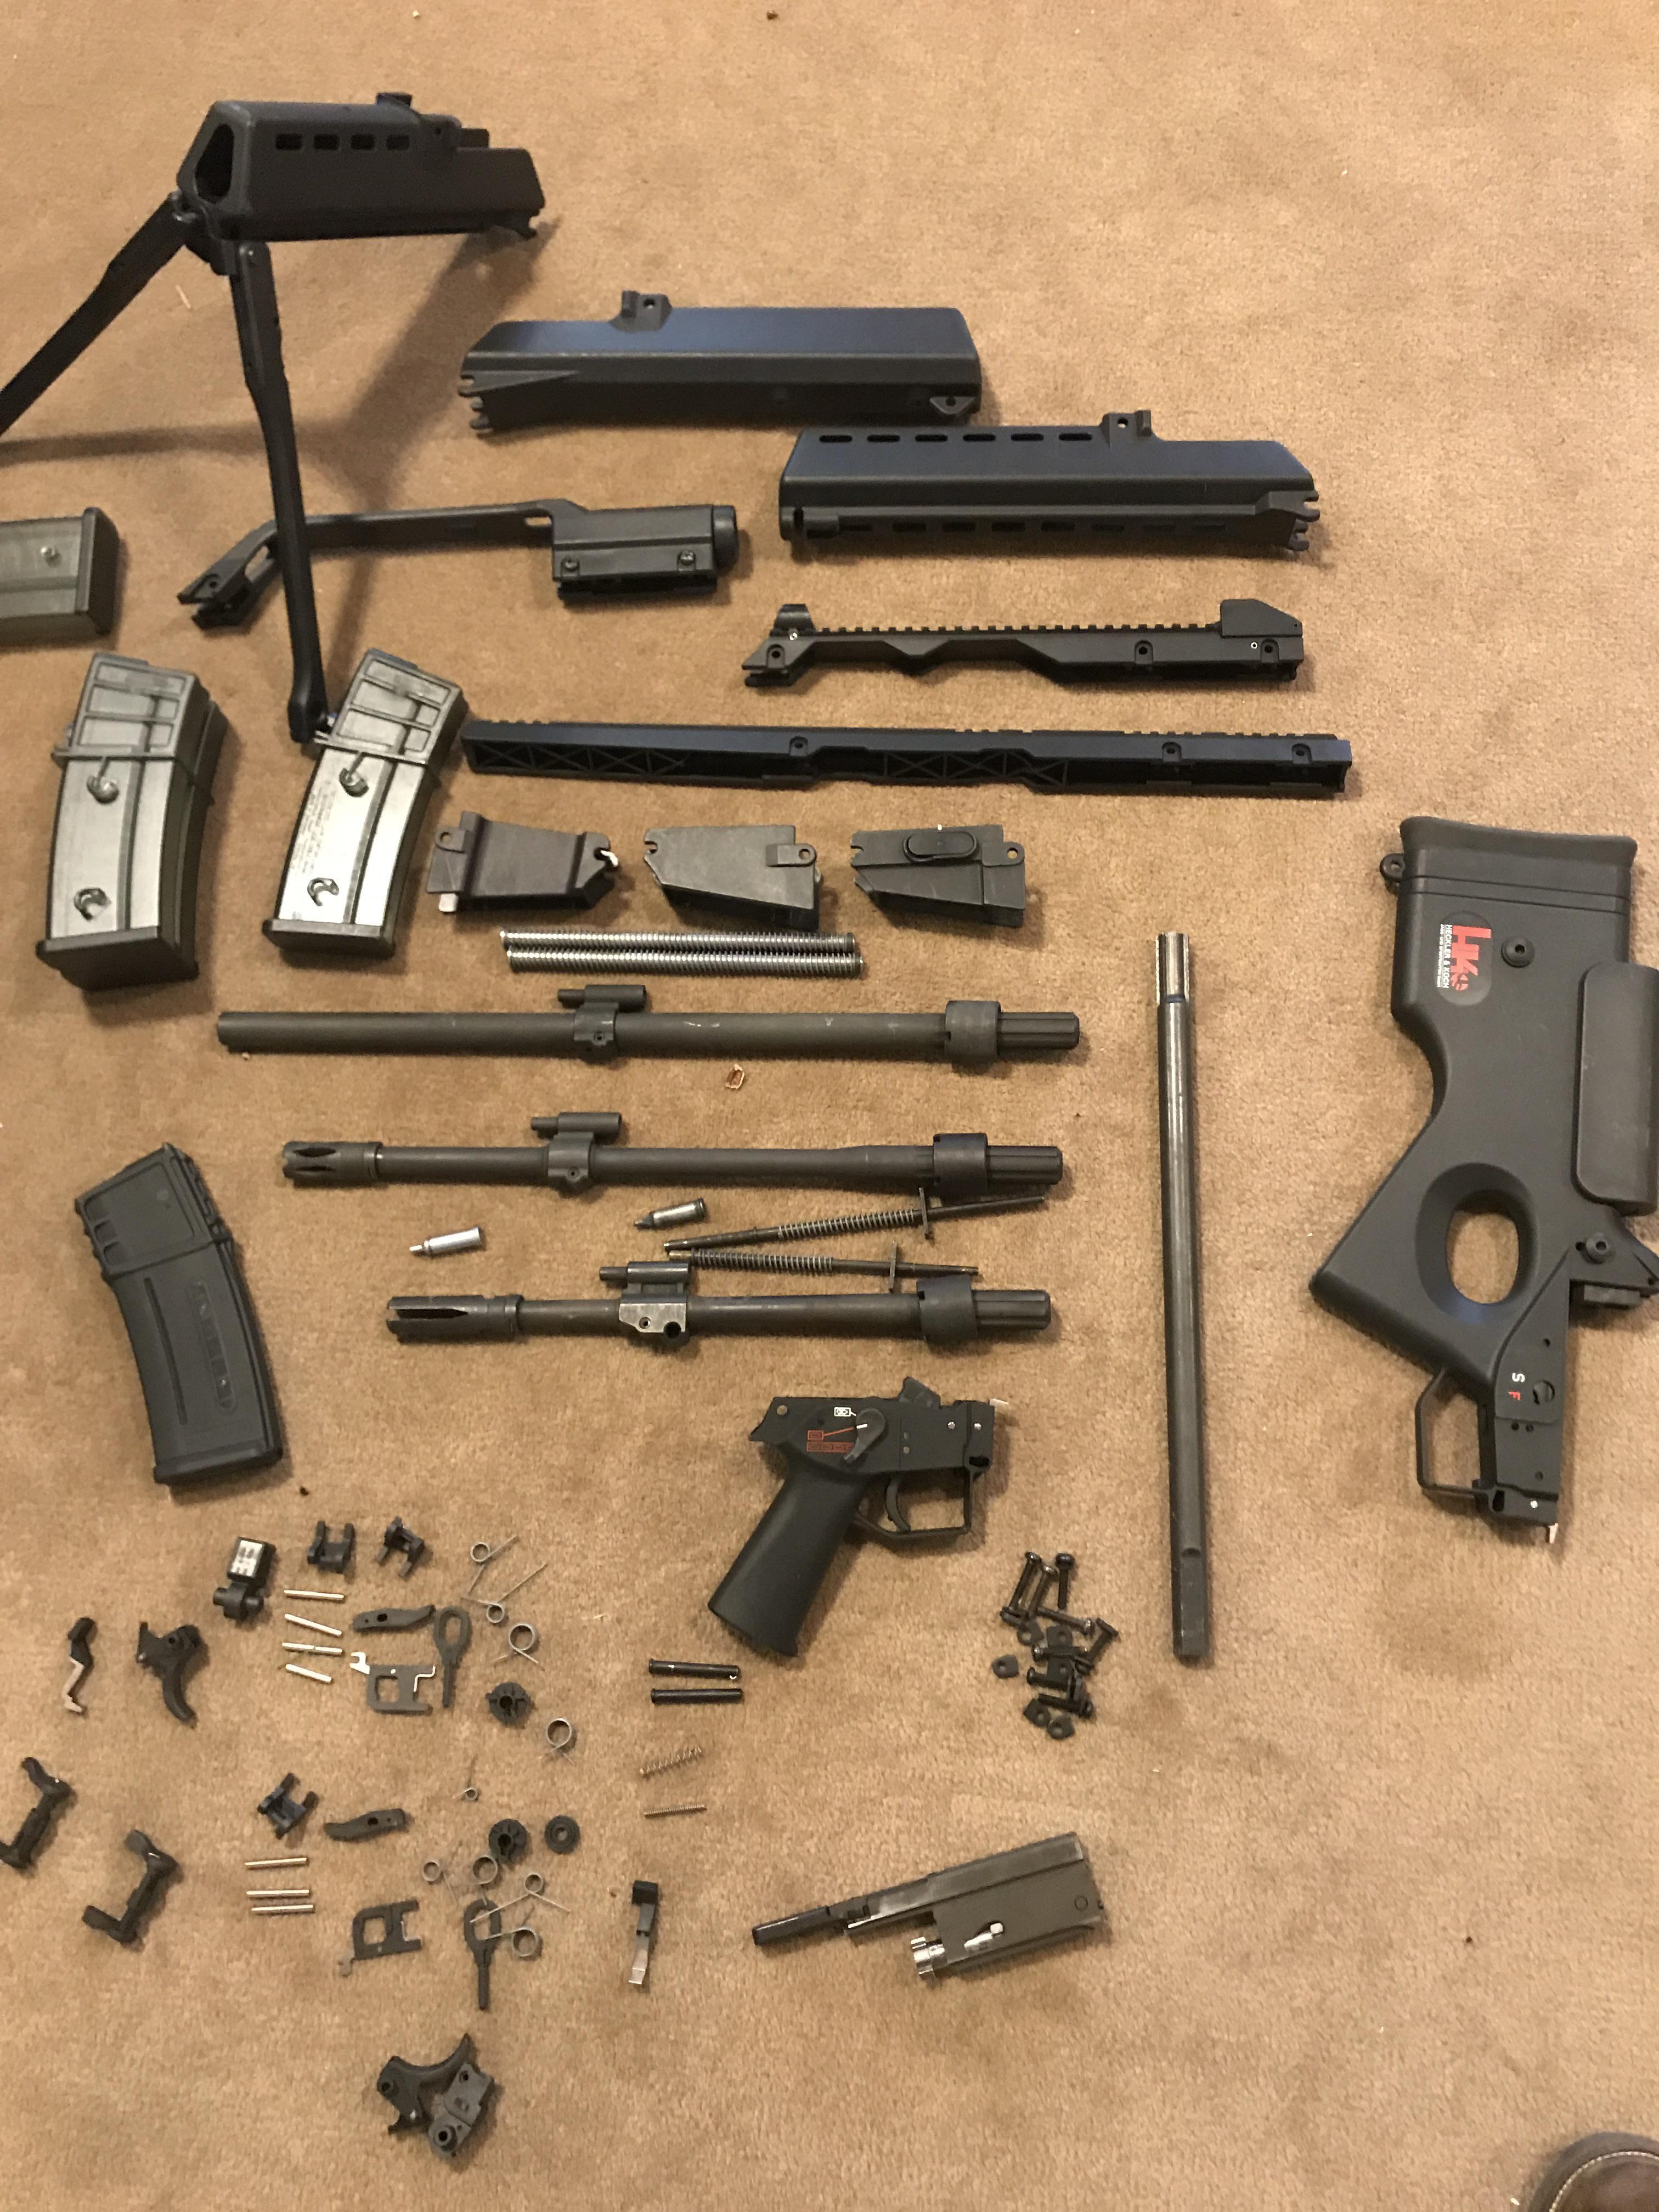 WTS: HK G36/G36k/SL8 parts, barrels, mandrel, etc-image_1524431387099.jpg